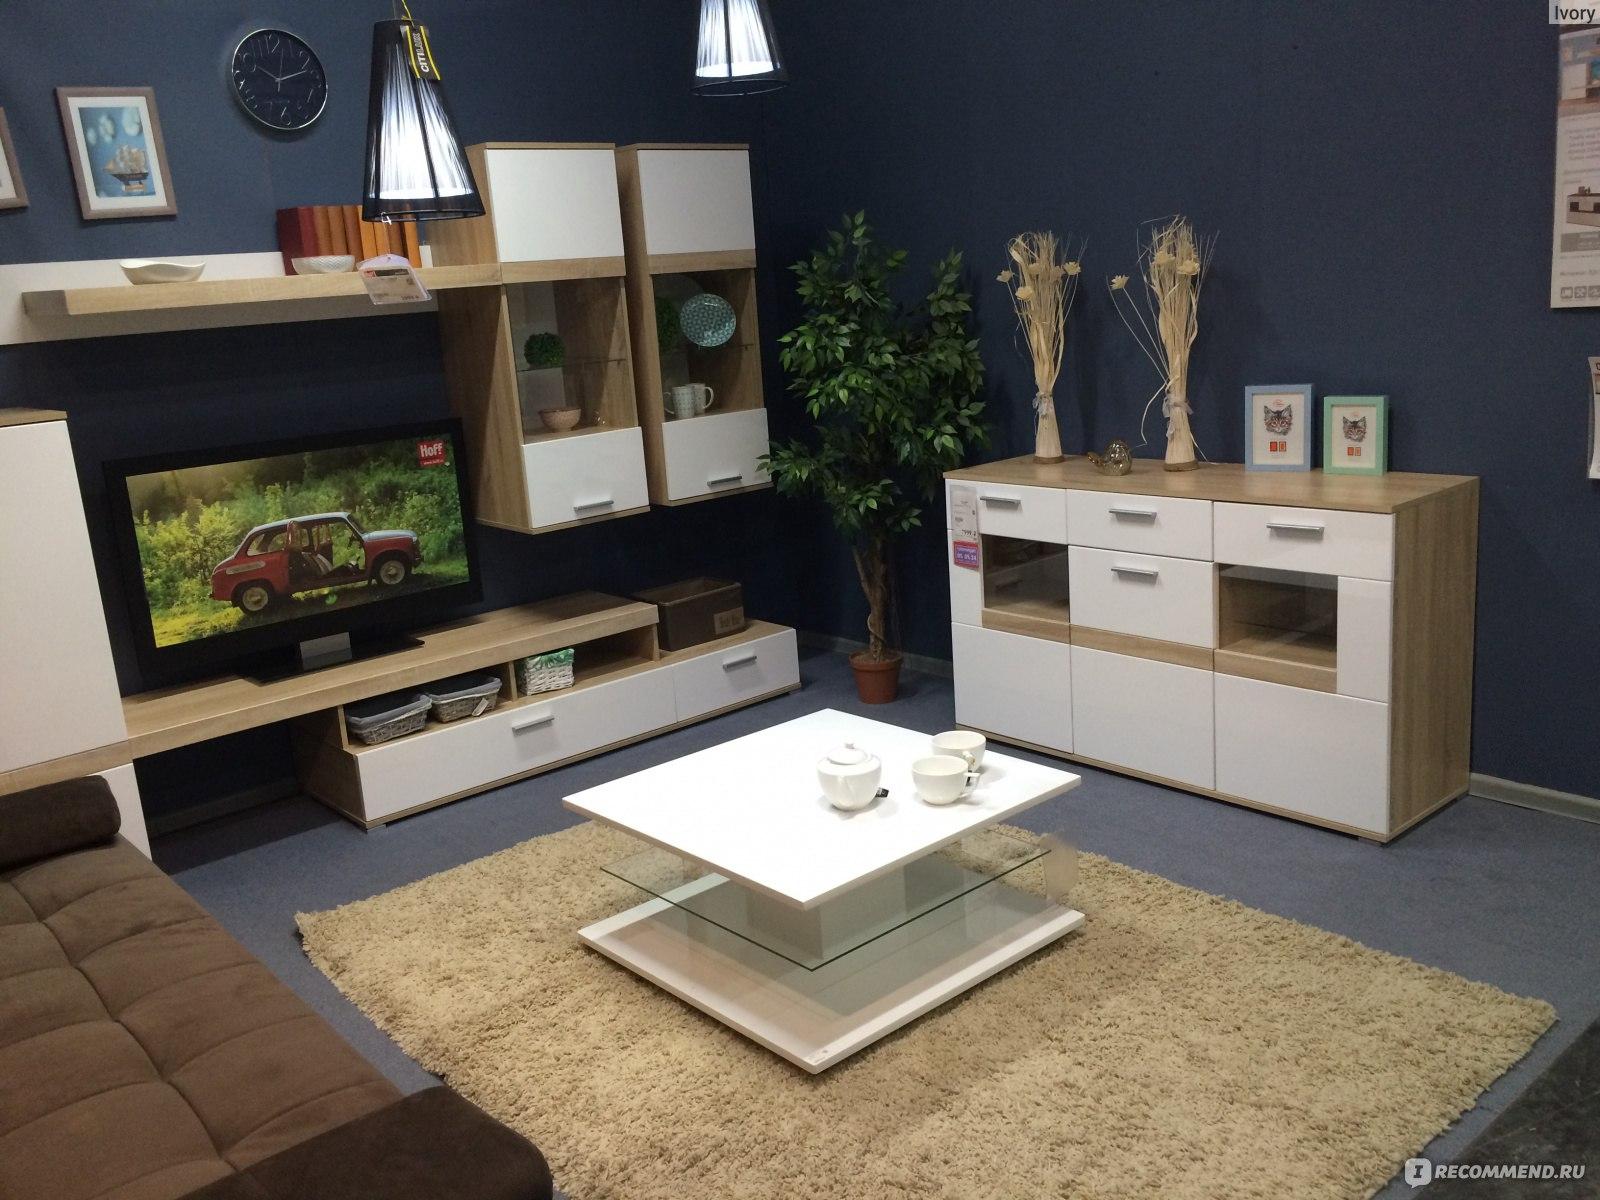 гипермаркеты мебели и товаров для дома Hoff икеа или хофф посуда